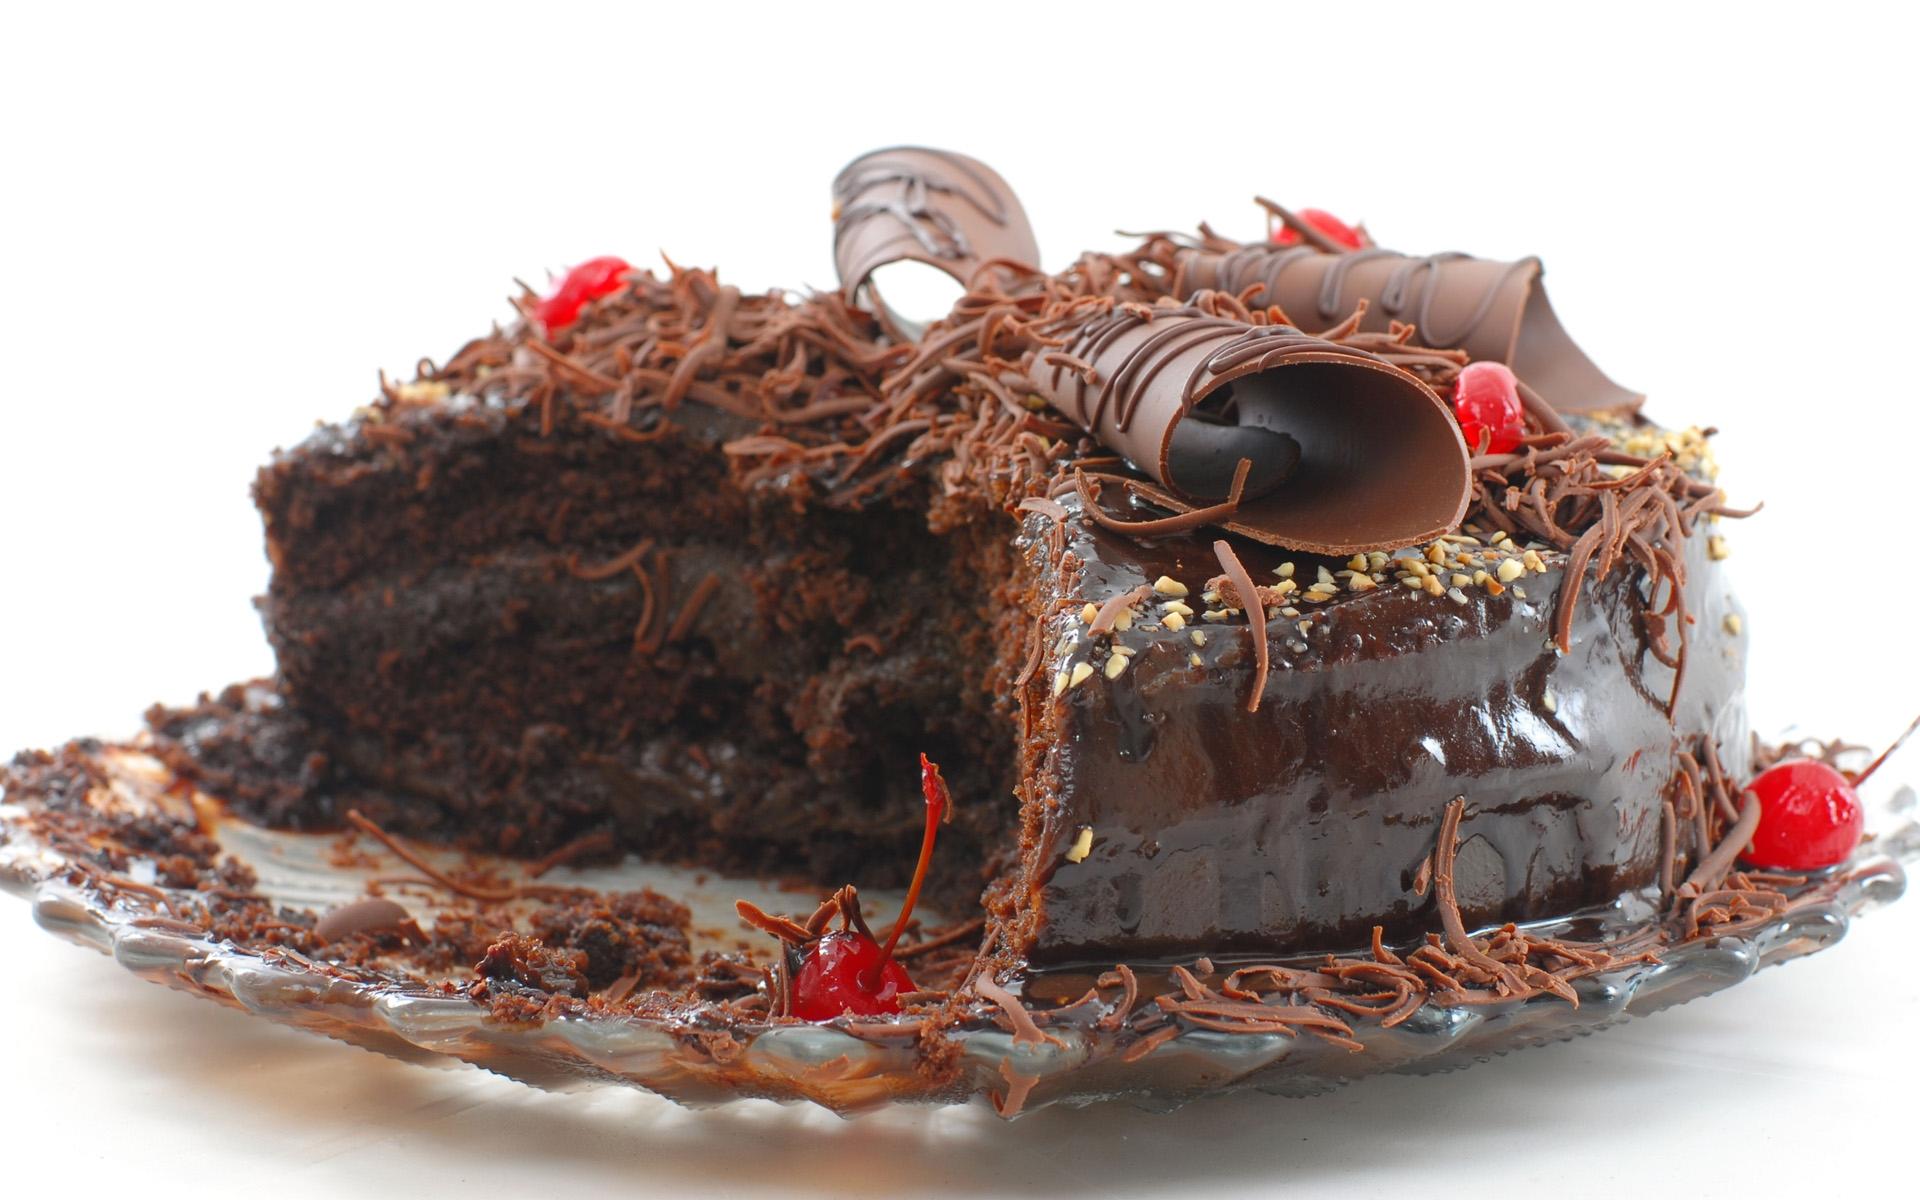 CHOCOLATE CAKE YUM! - Chocolate Photo (33481986) - Fanpop